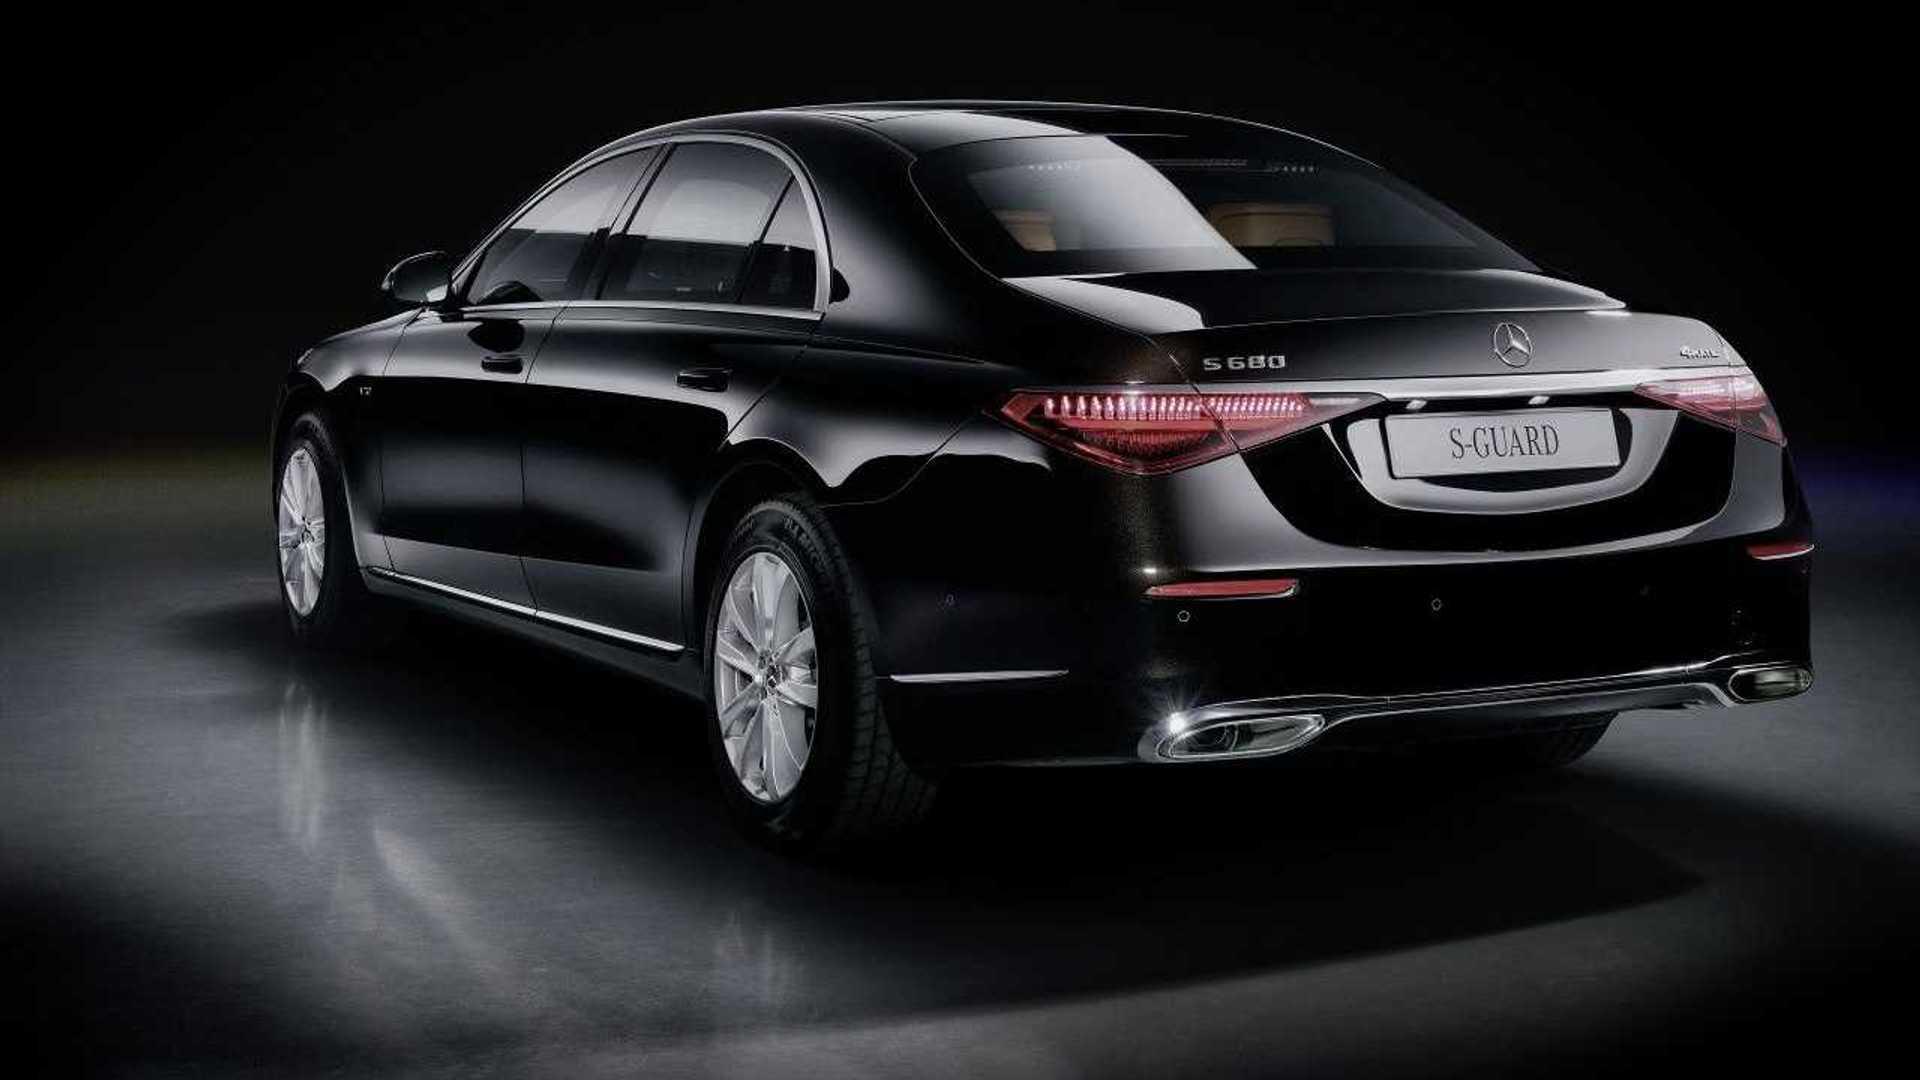 Mercedes presenta su nuevo tanque para Jefes de Estado 6